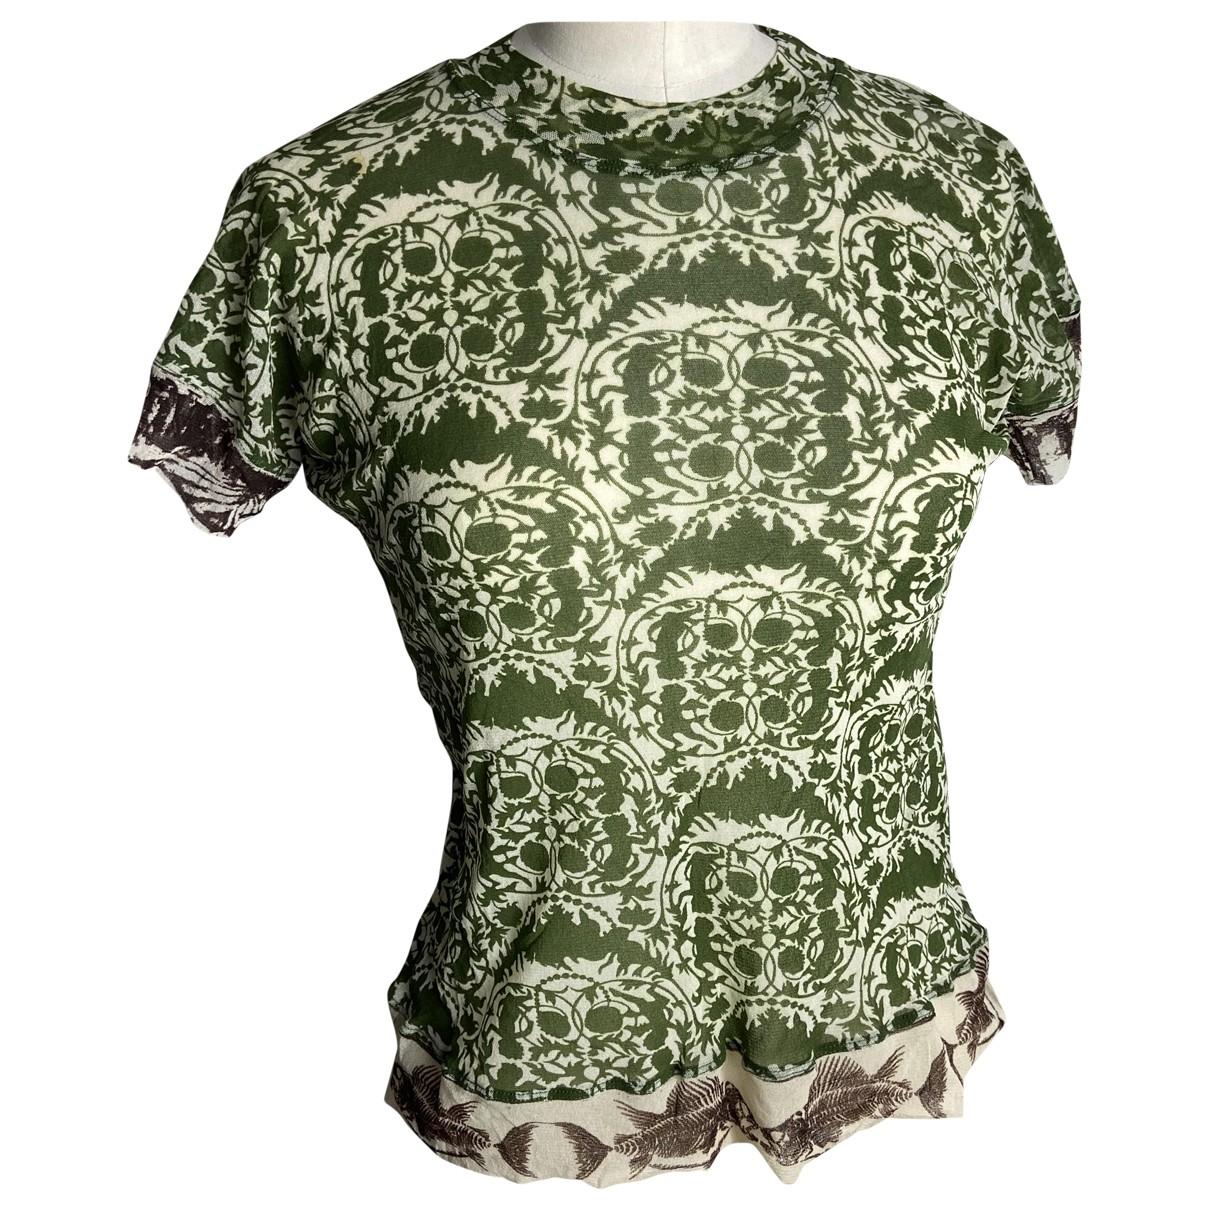 Jean Paul Gaultier \N Green  top for Women M International